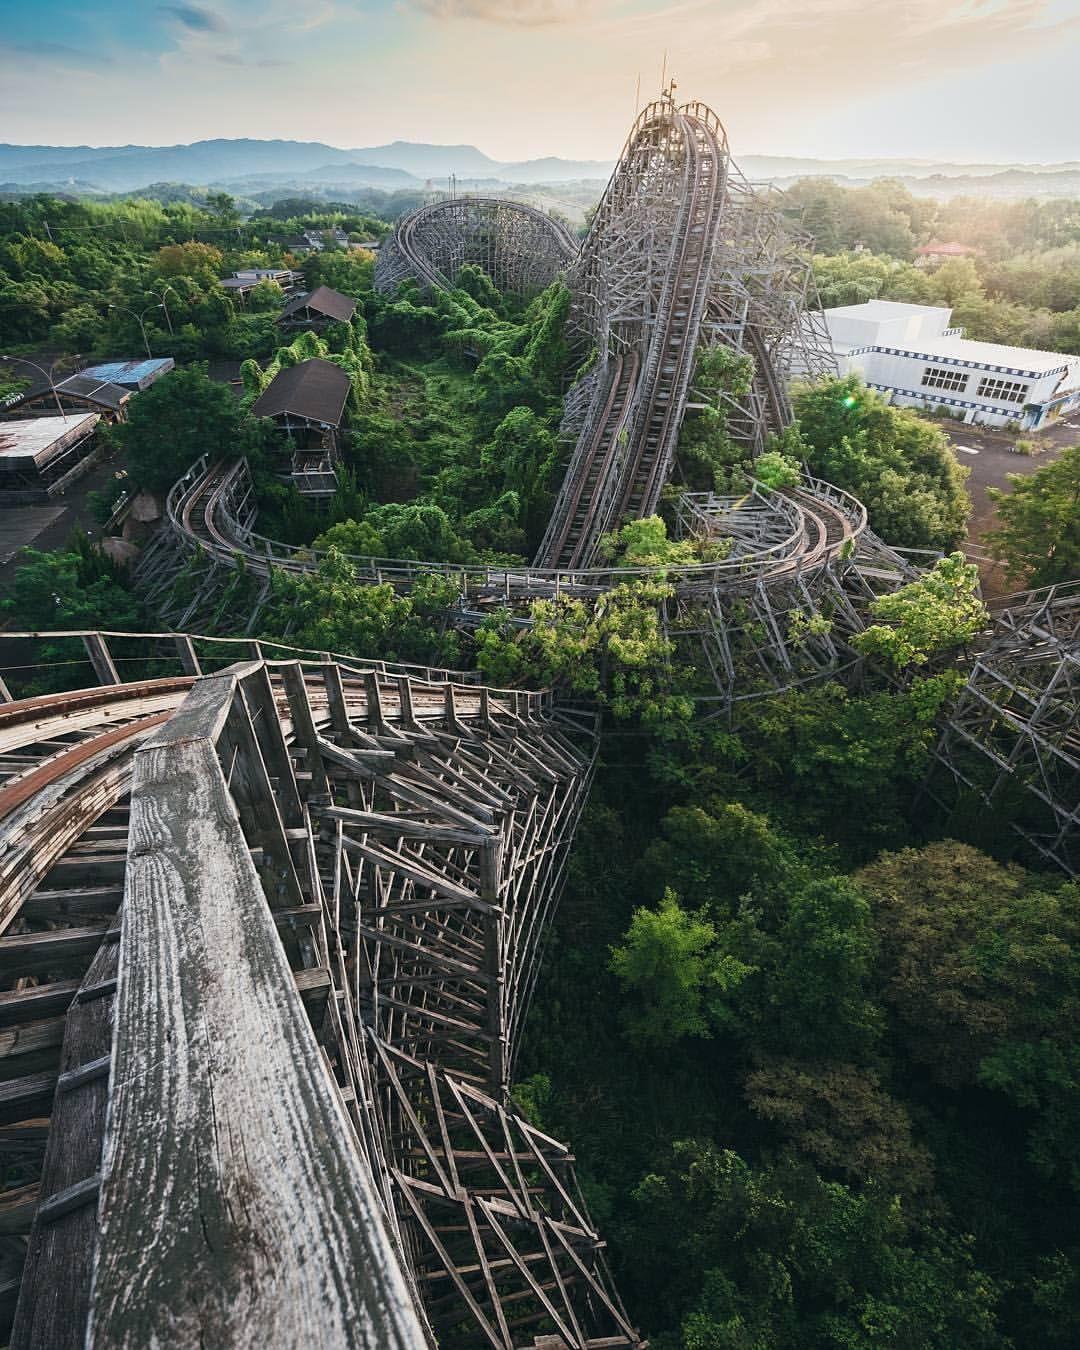 Tag A Friend You D Explore This Abandoned Amusement Park